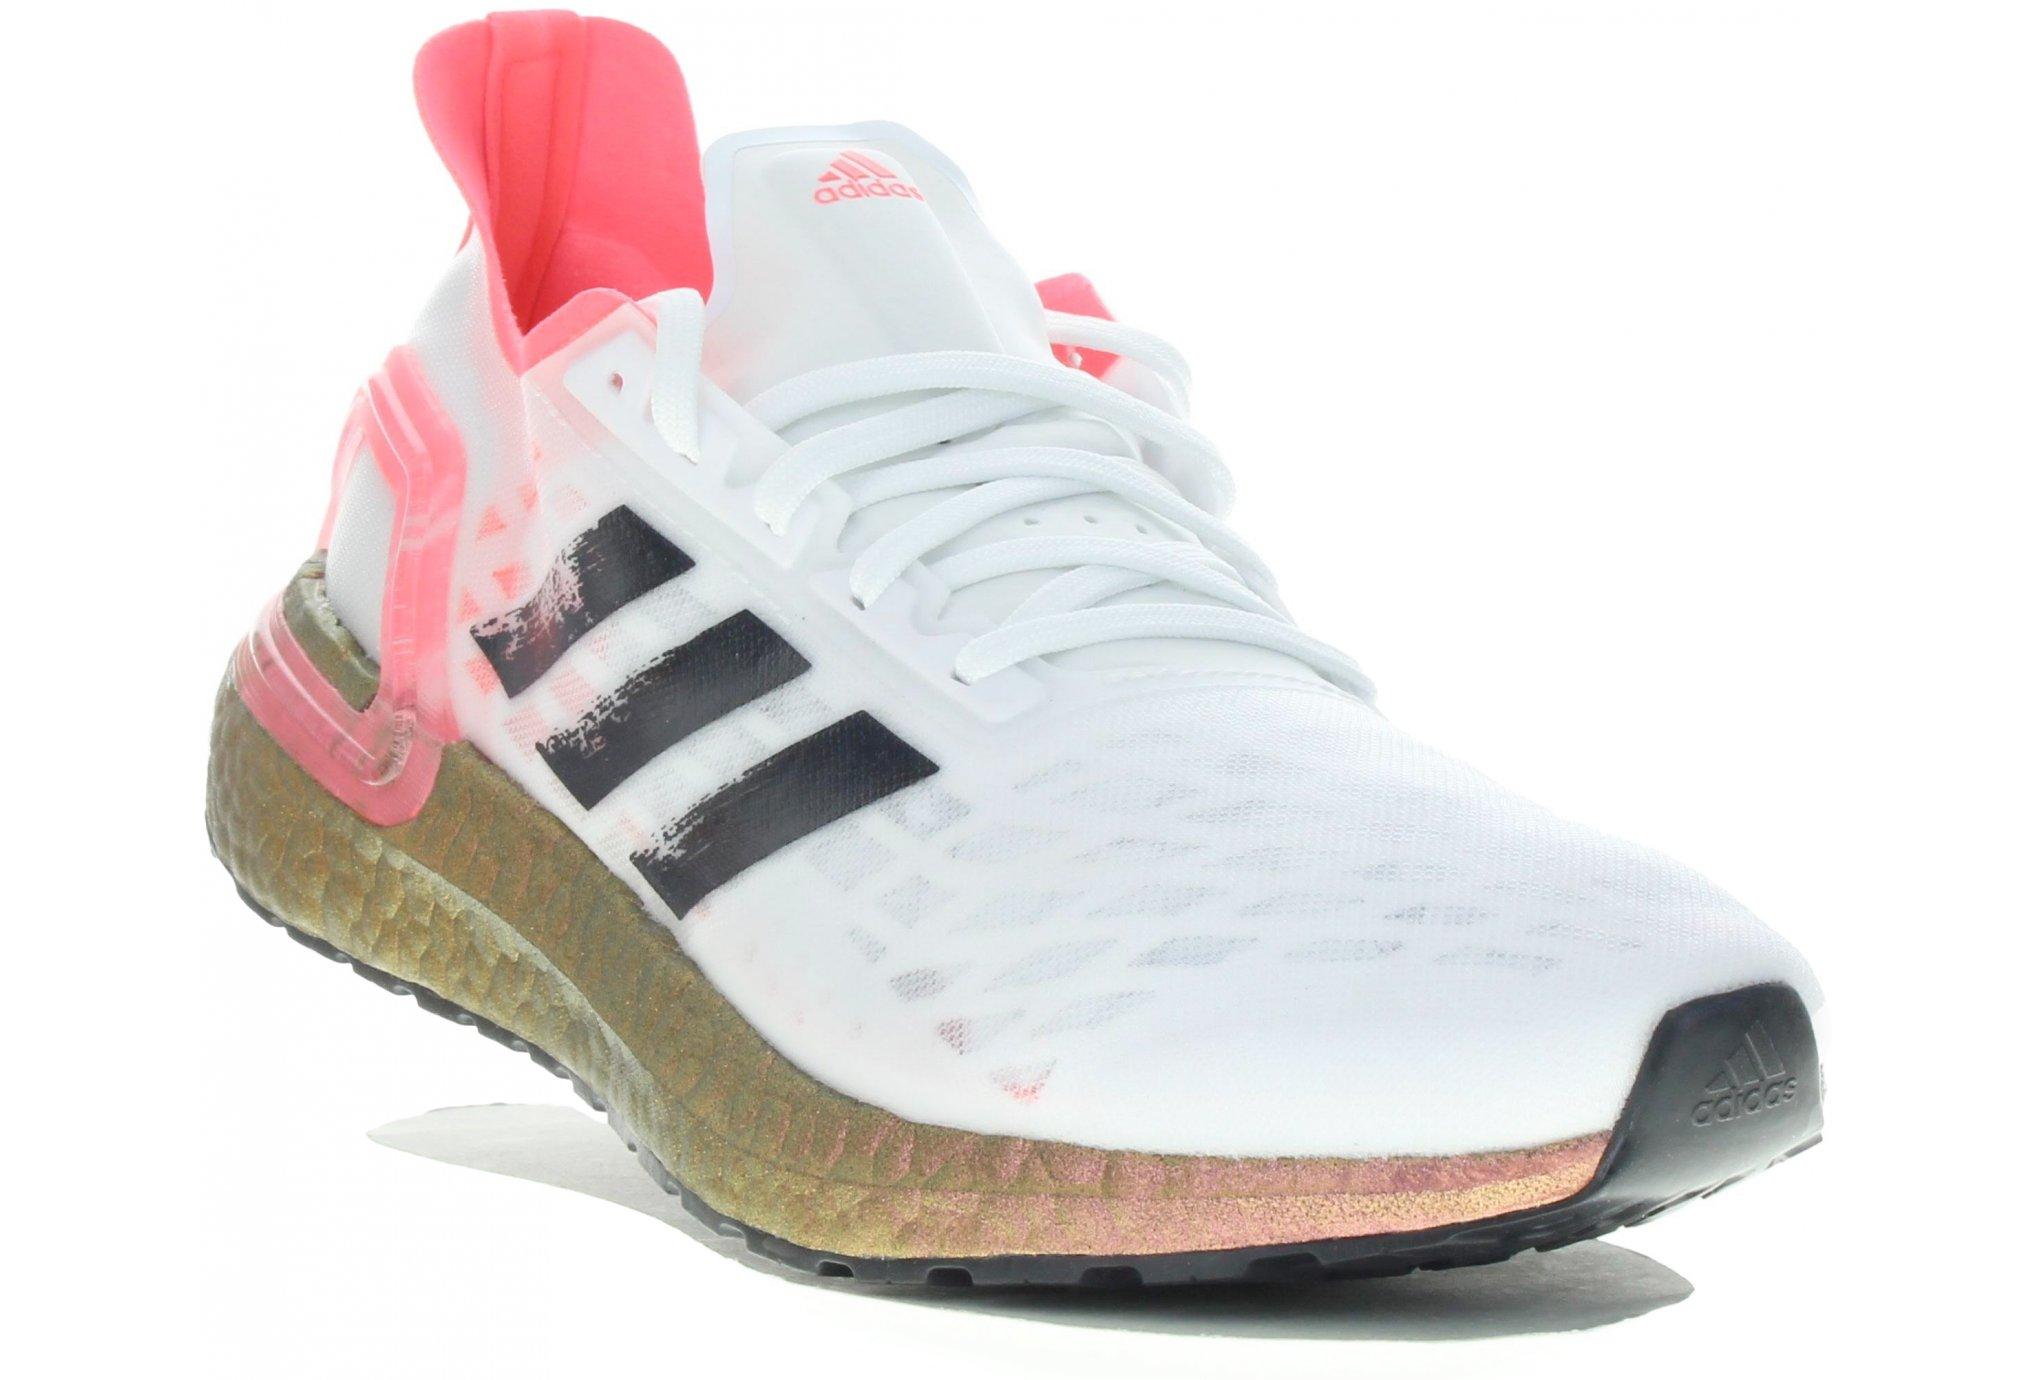 adidas UltraBoost PB Chaussures running femme